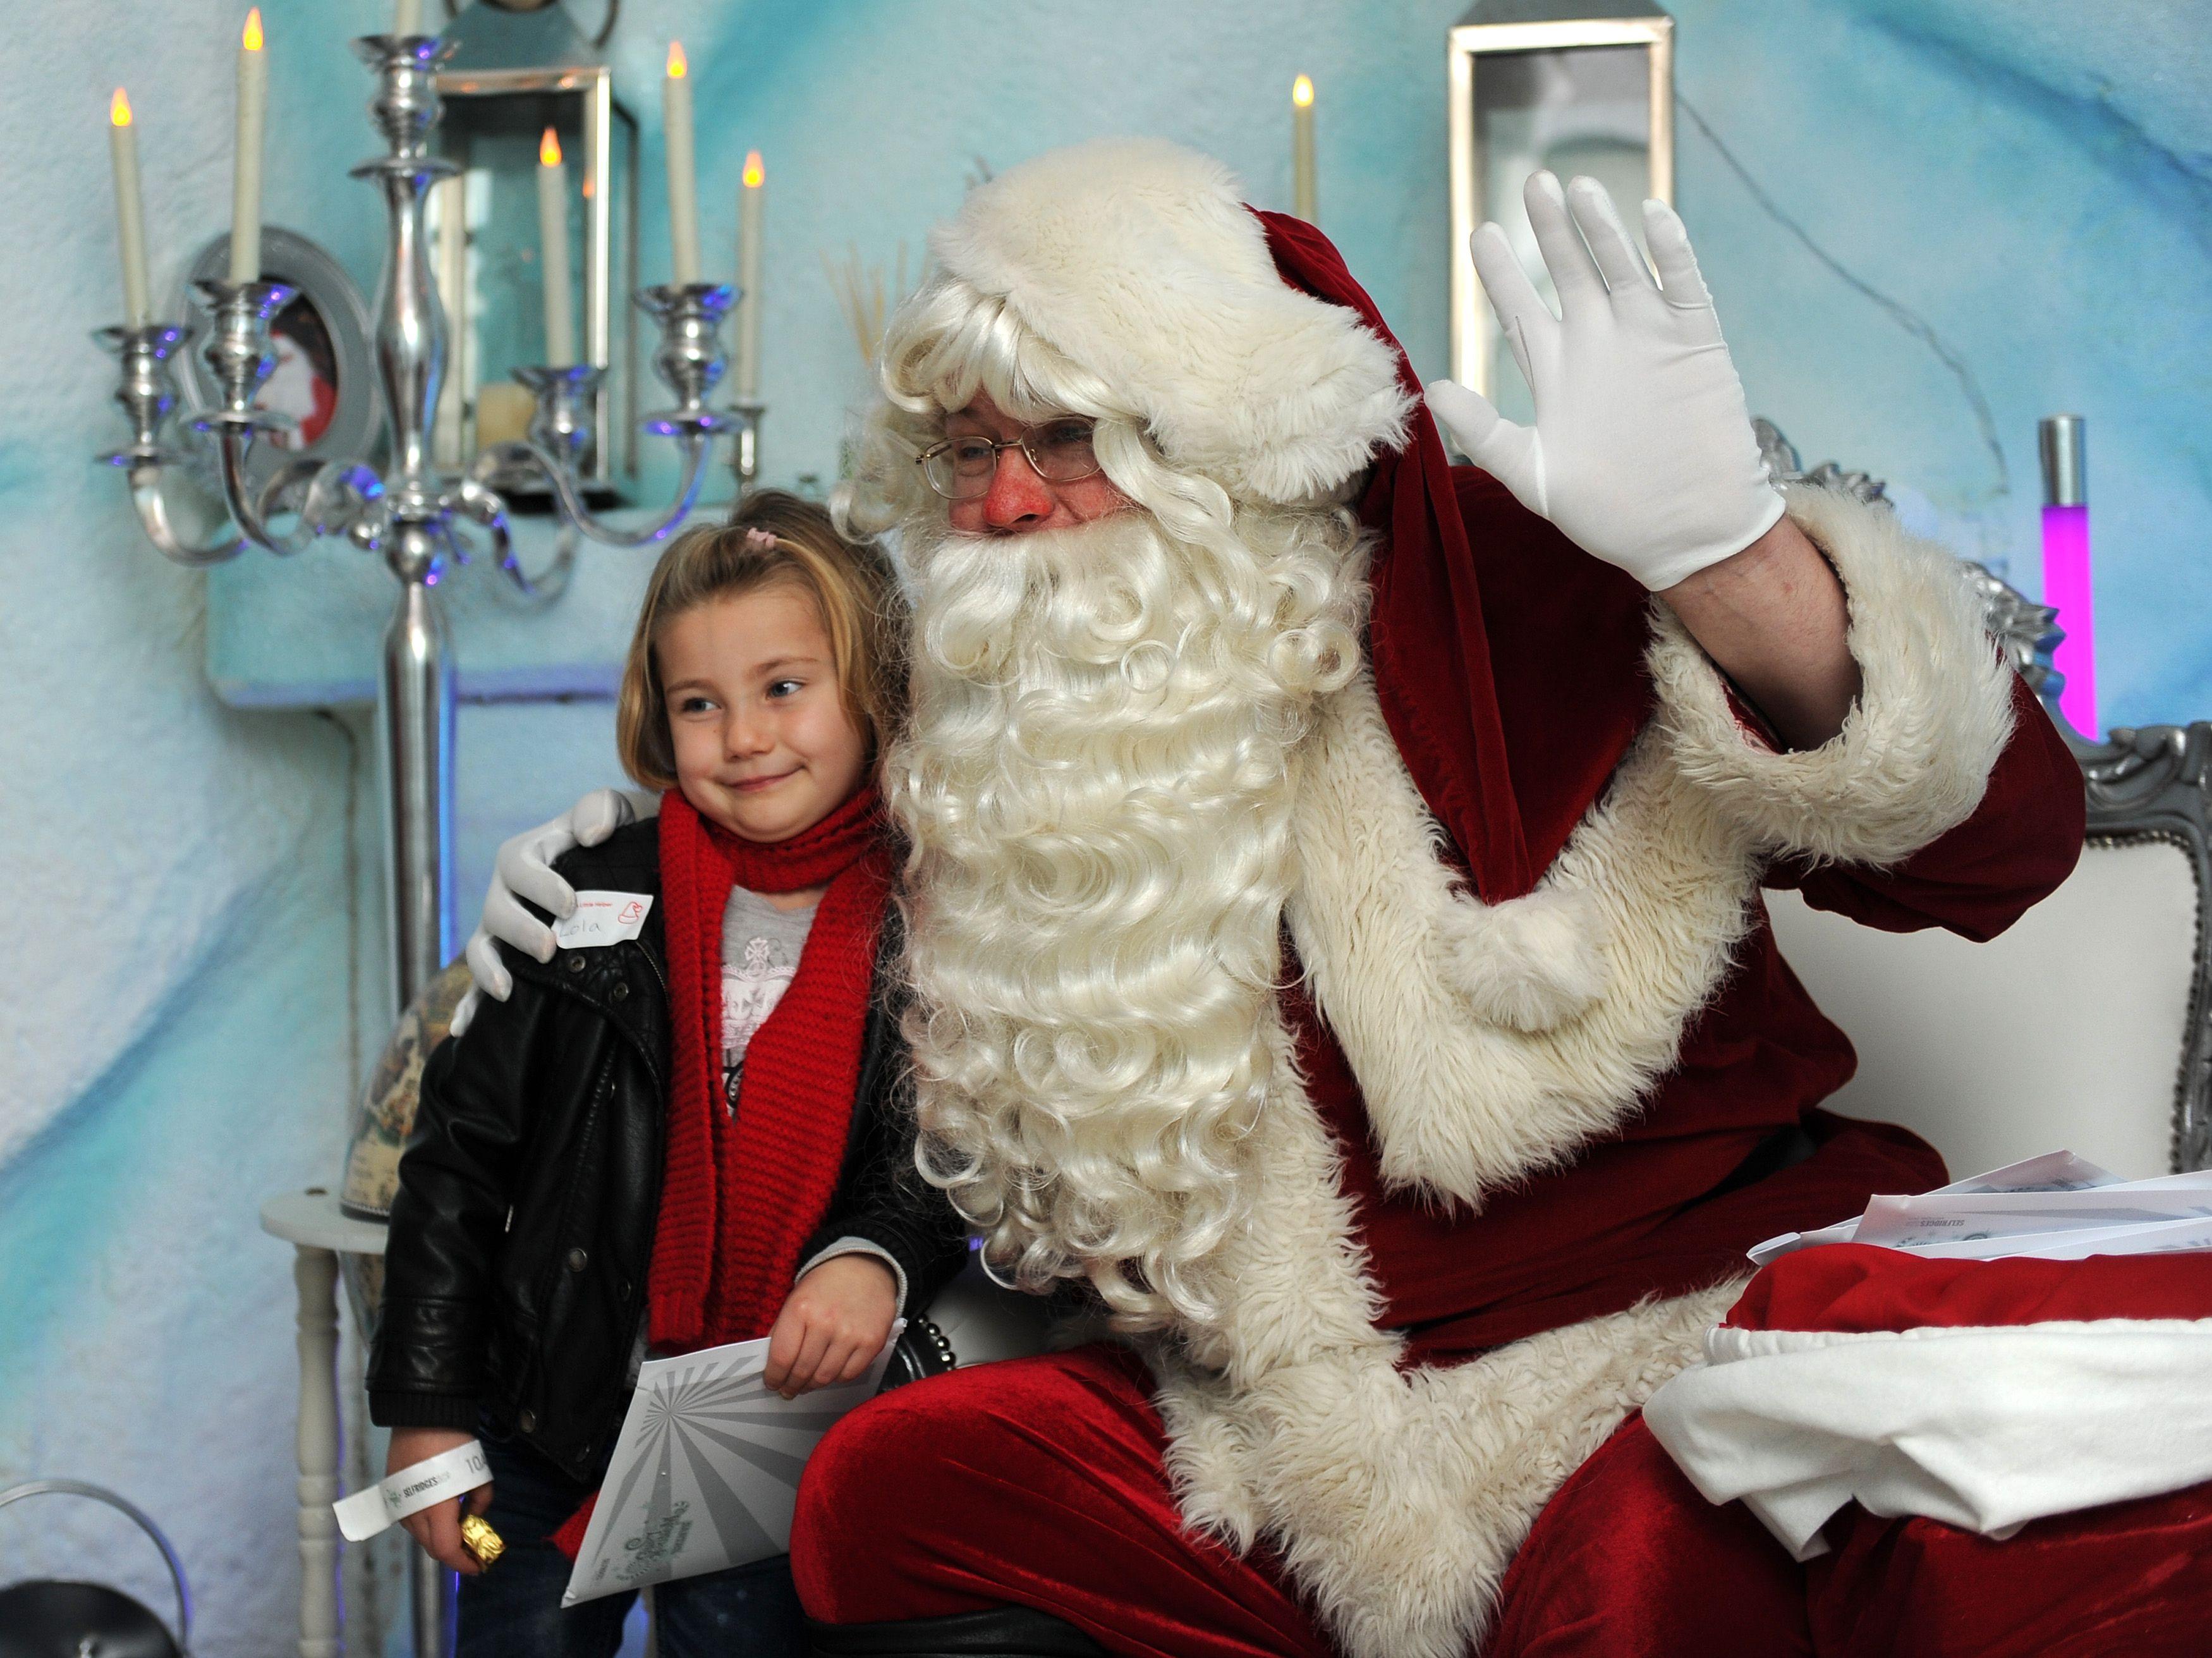 Alsace : des élèves d'école maternelle privés de la traditionnelle visite du Père Noël au nom de la laïcité